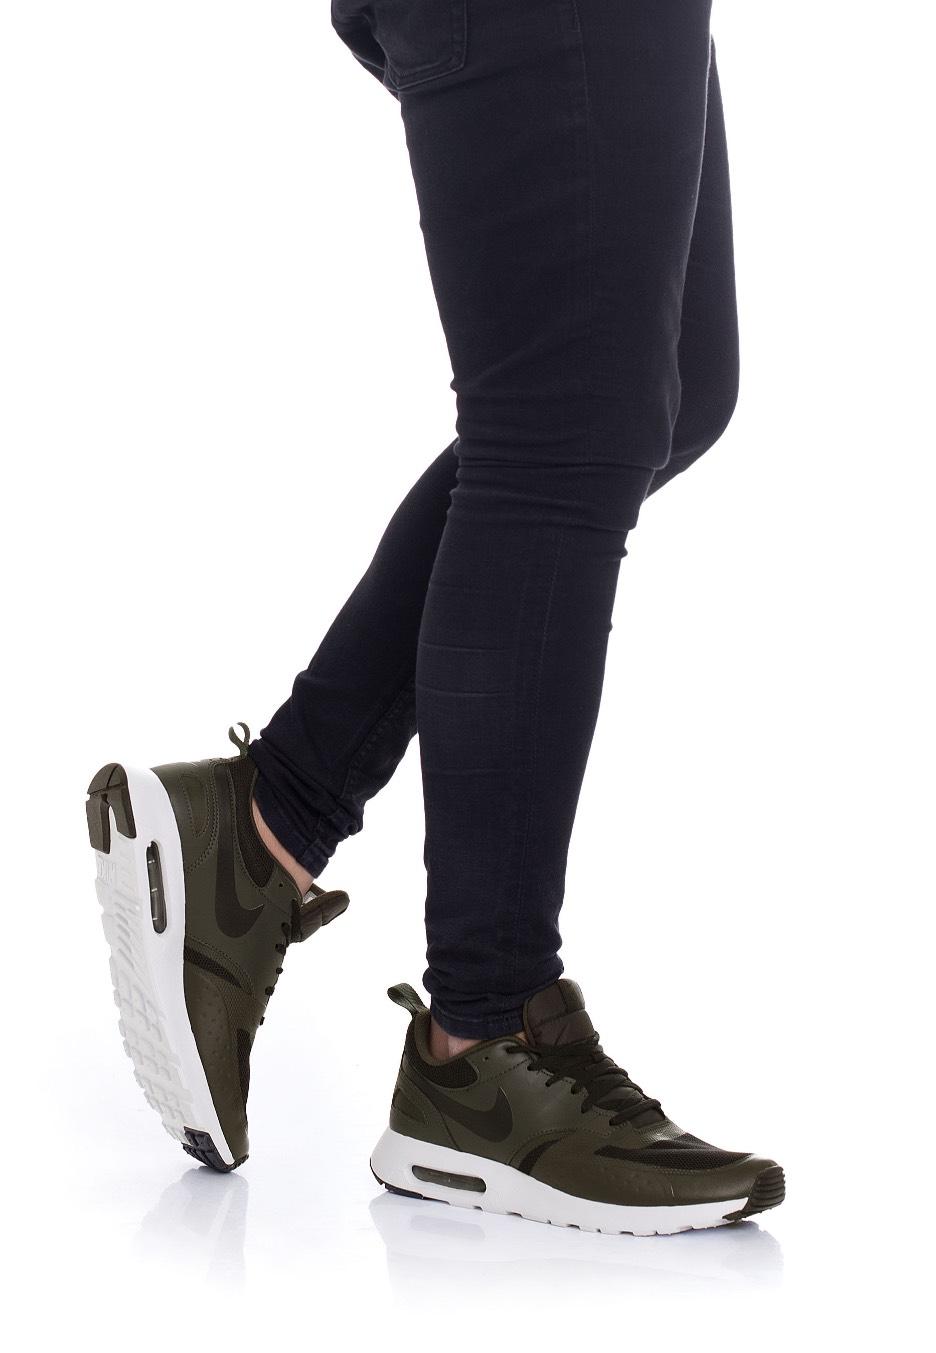 8aa56868410 Nike - Air Max Vision Black Black Sequoia - Schuhe - Impericon.com CH